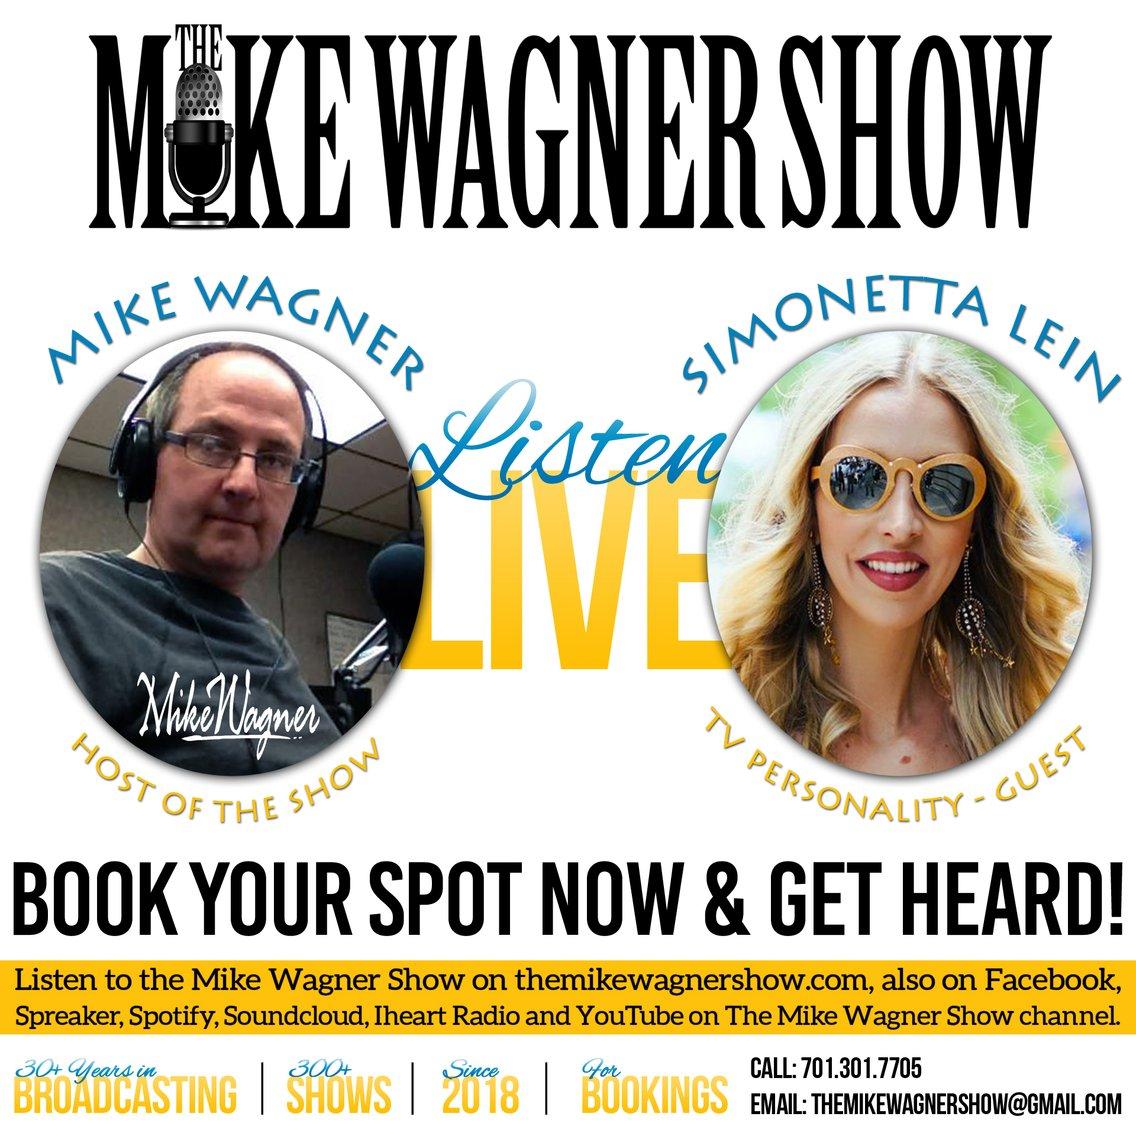 The Mike Wagner Show - immagine di copertina